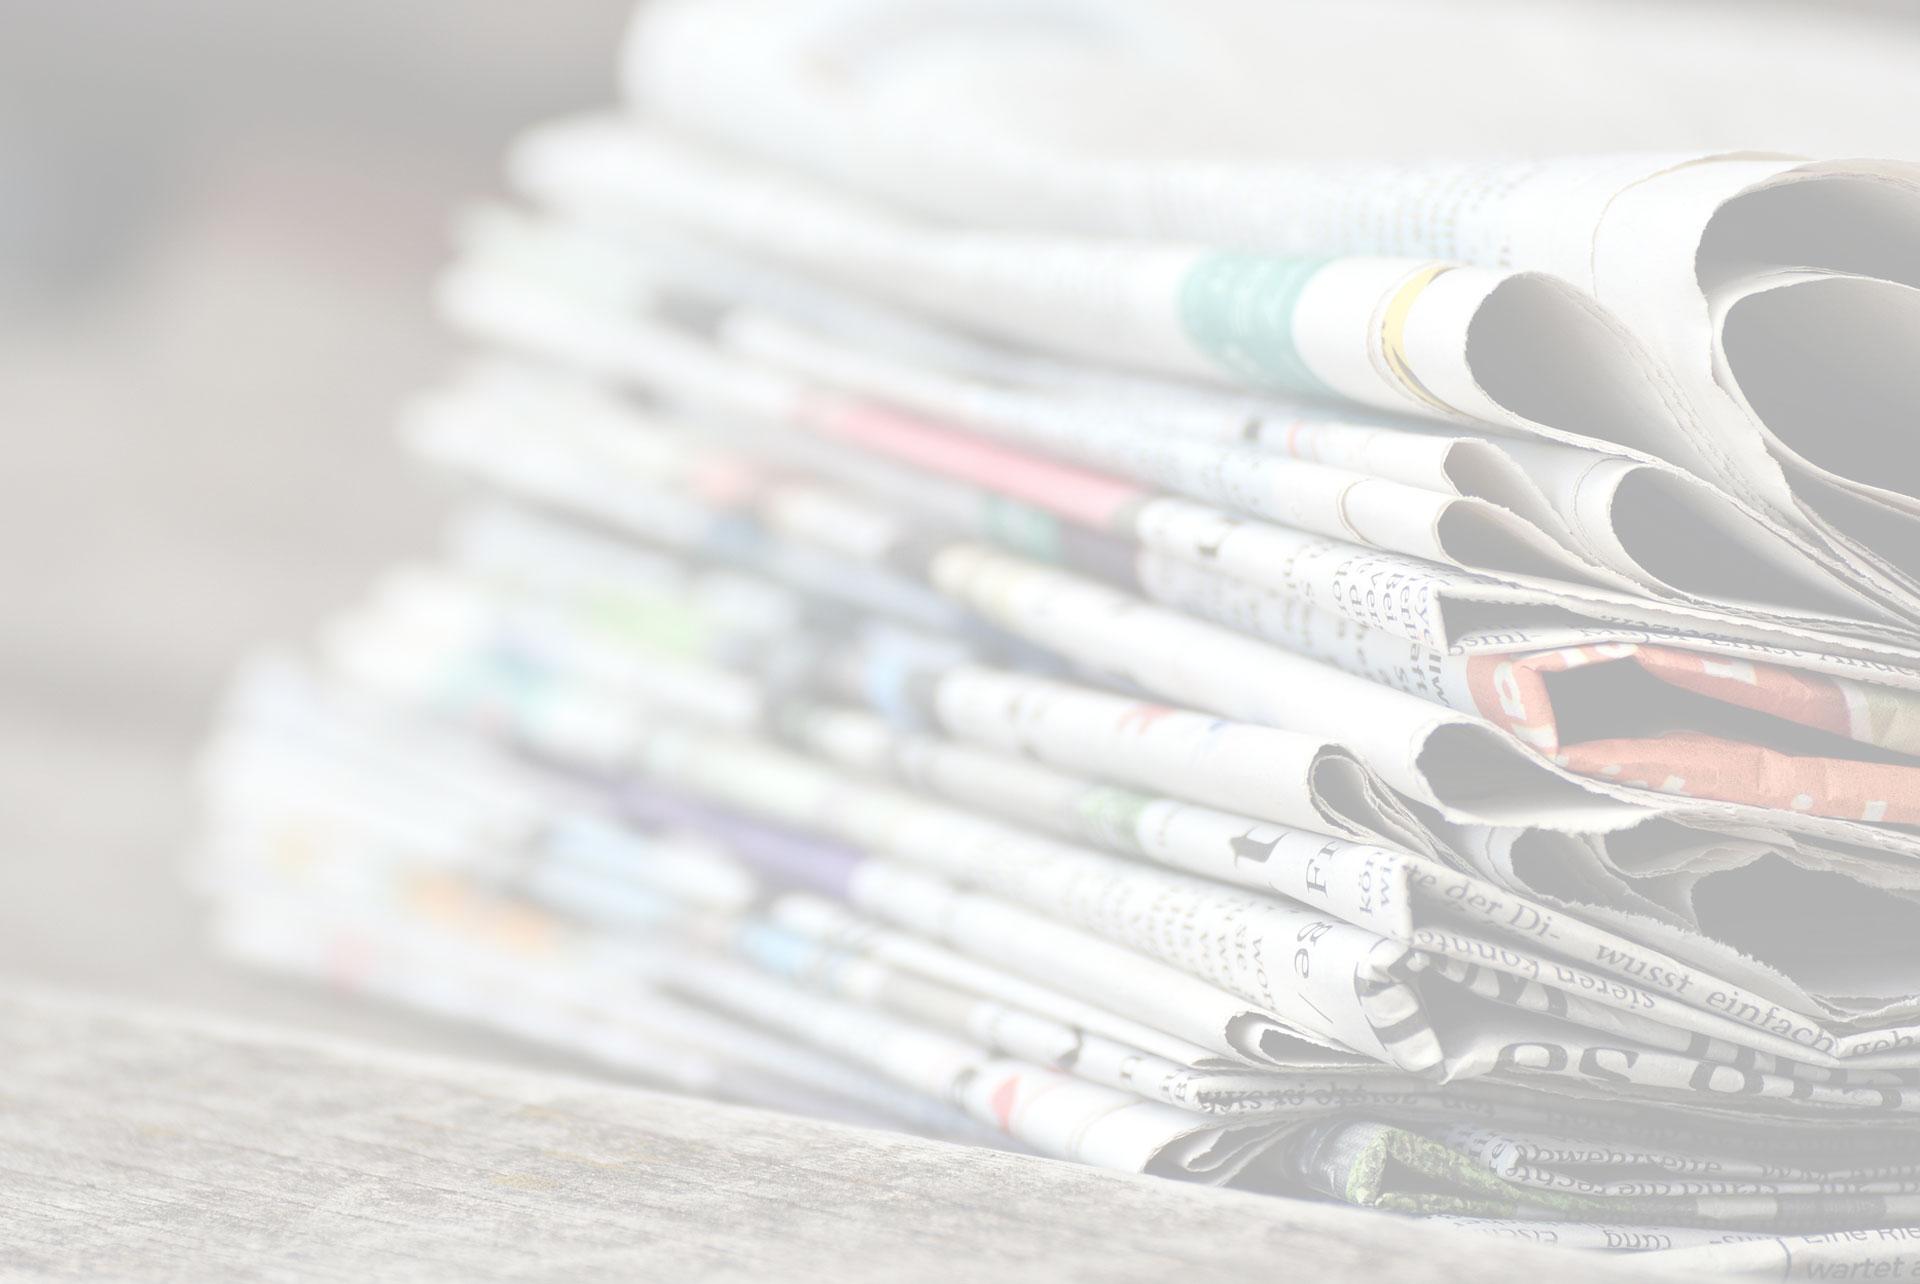 Croce Rossa Cina